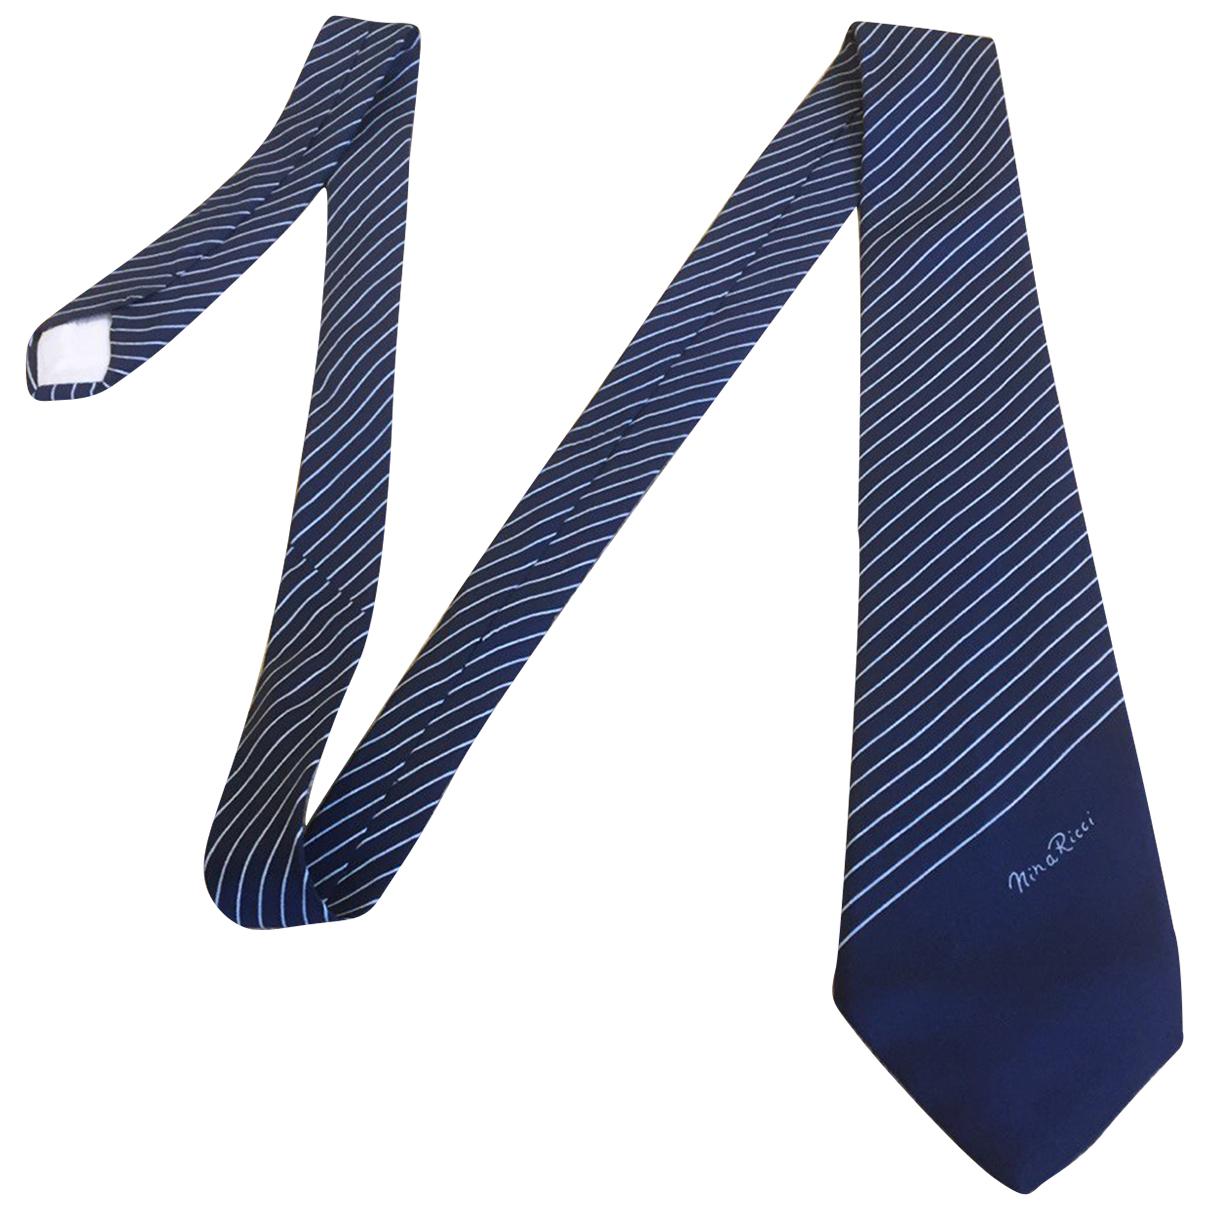 Nina Ricci - Cravates   pour homme en soie - multicolore